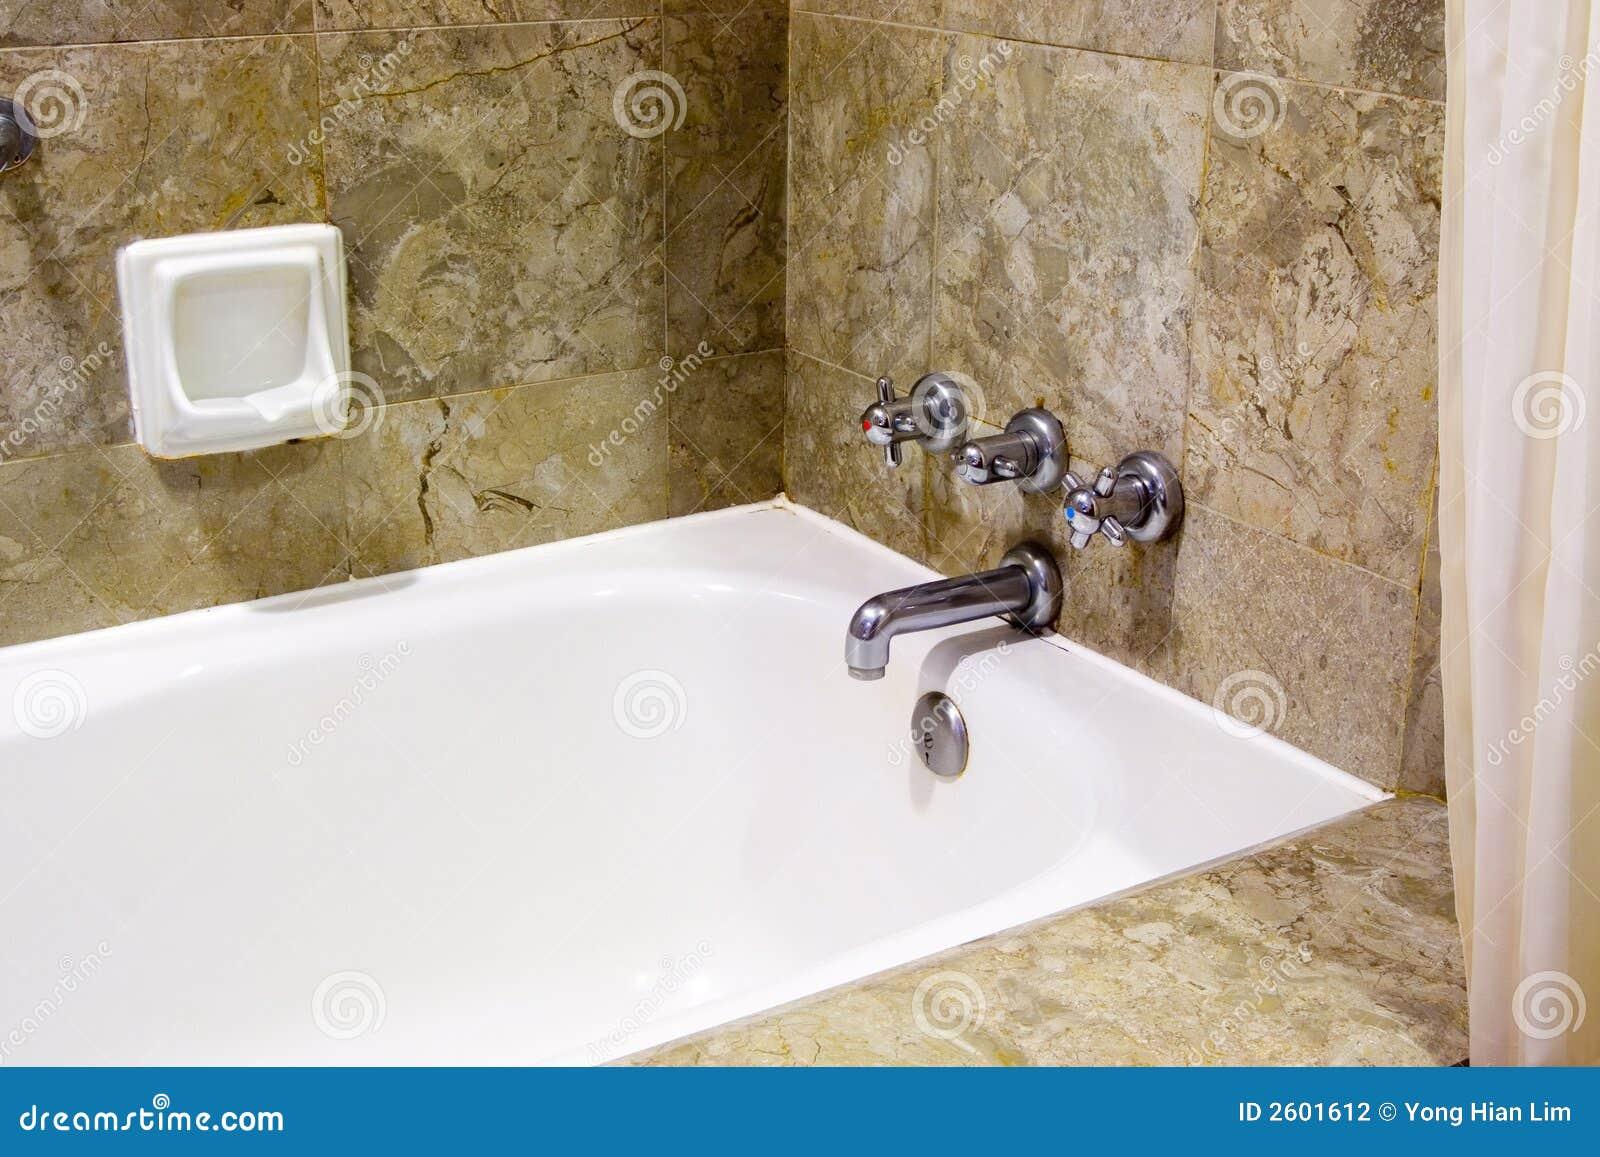 Banheira No Banheiro Do Hotel Fotografia de Stock Imagem: 2601612 #83A328 1300x957 Banheira No Banheiro